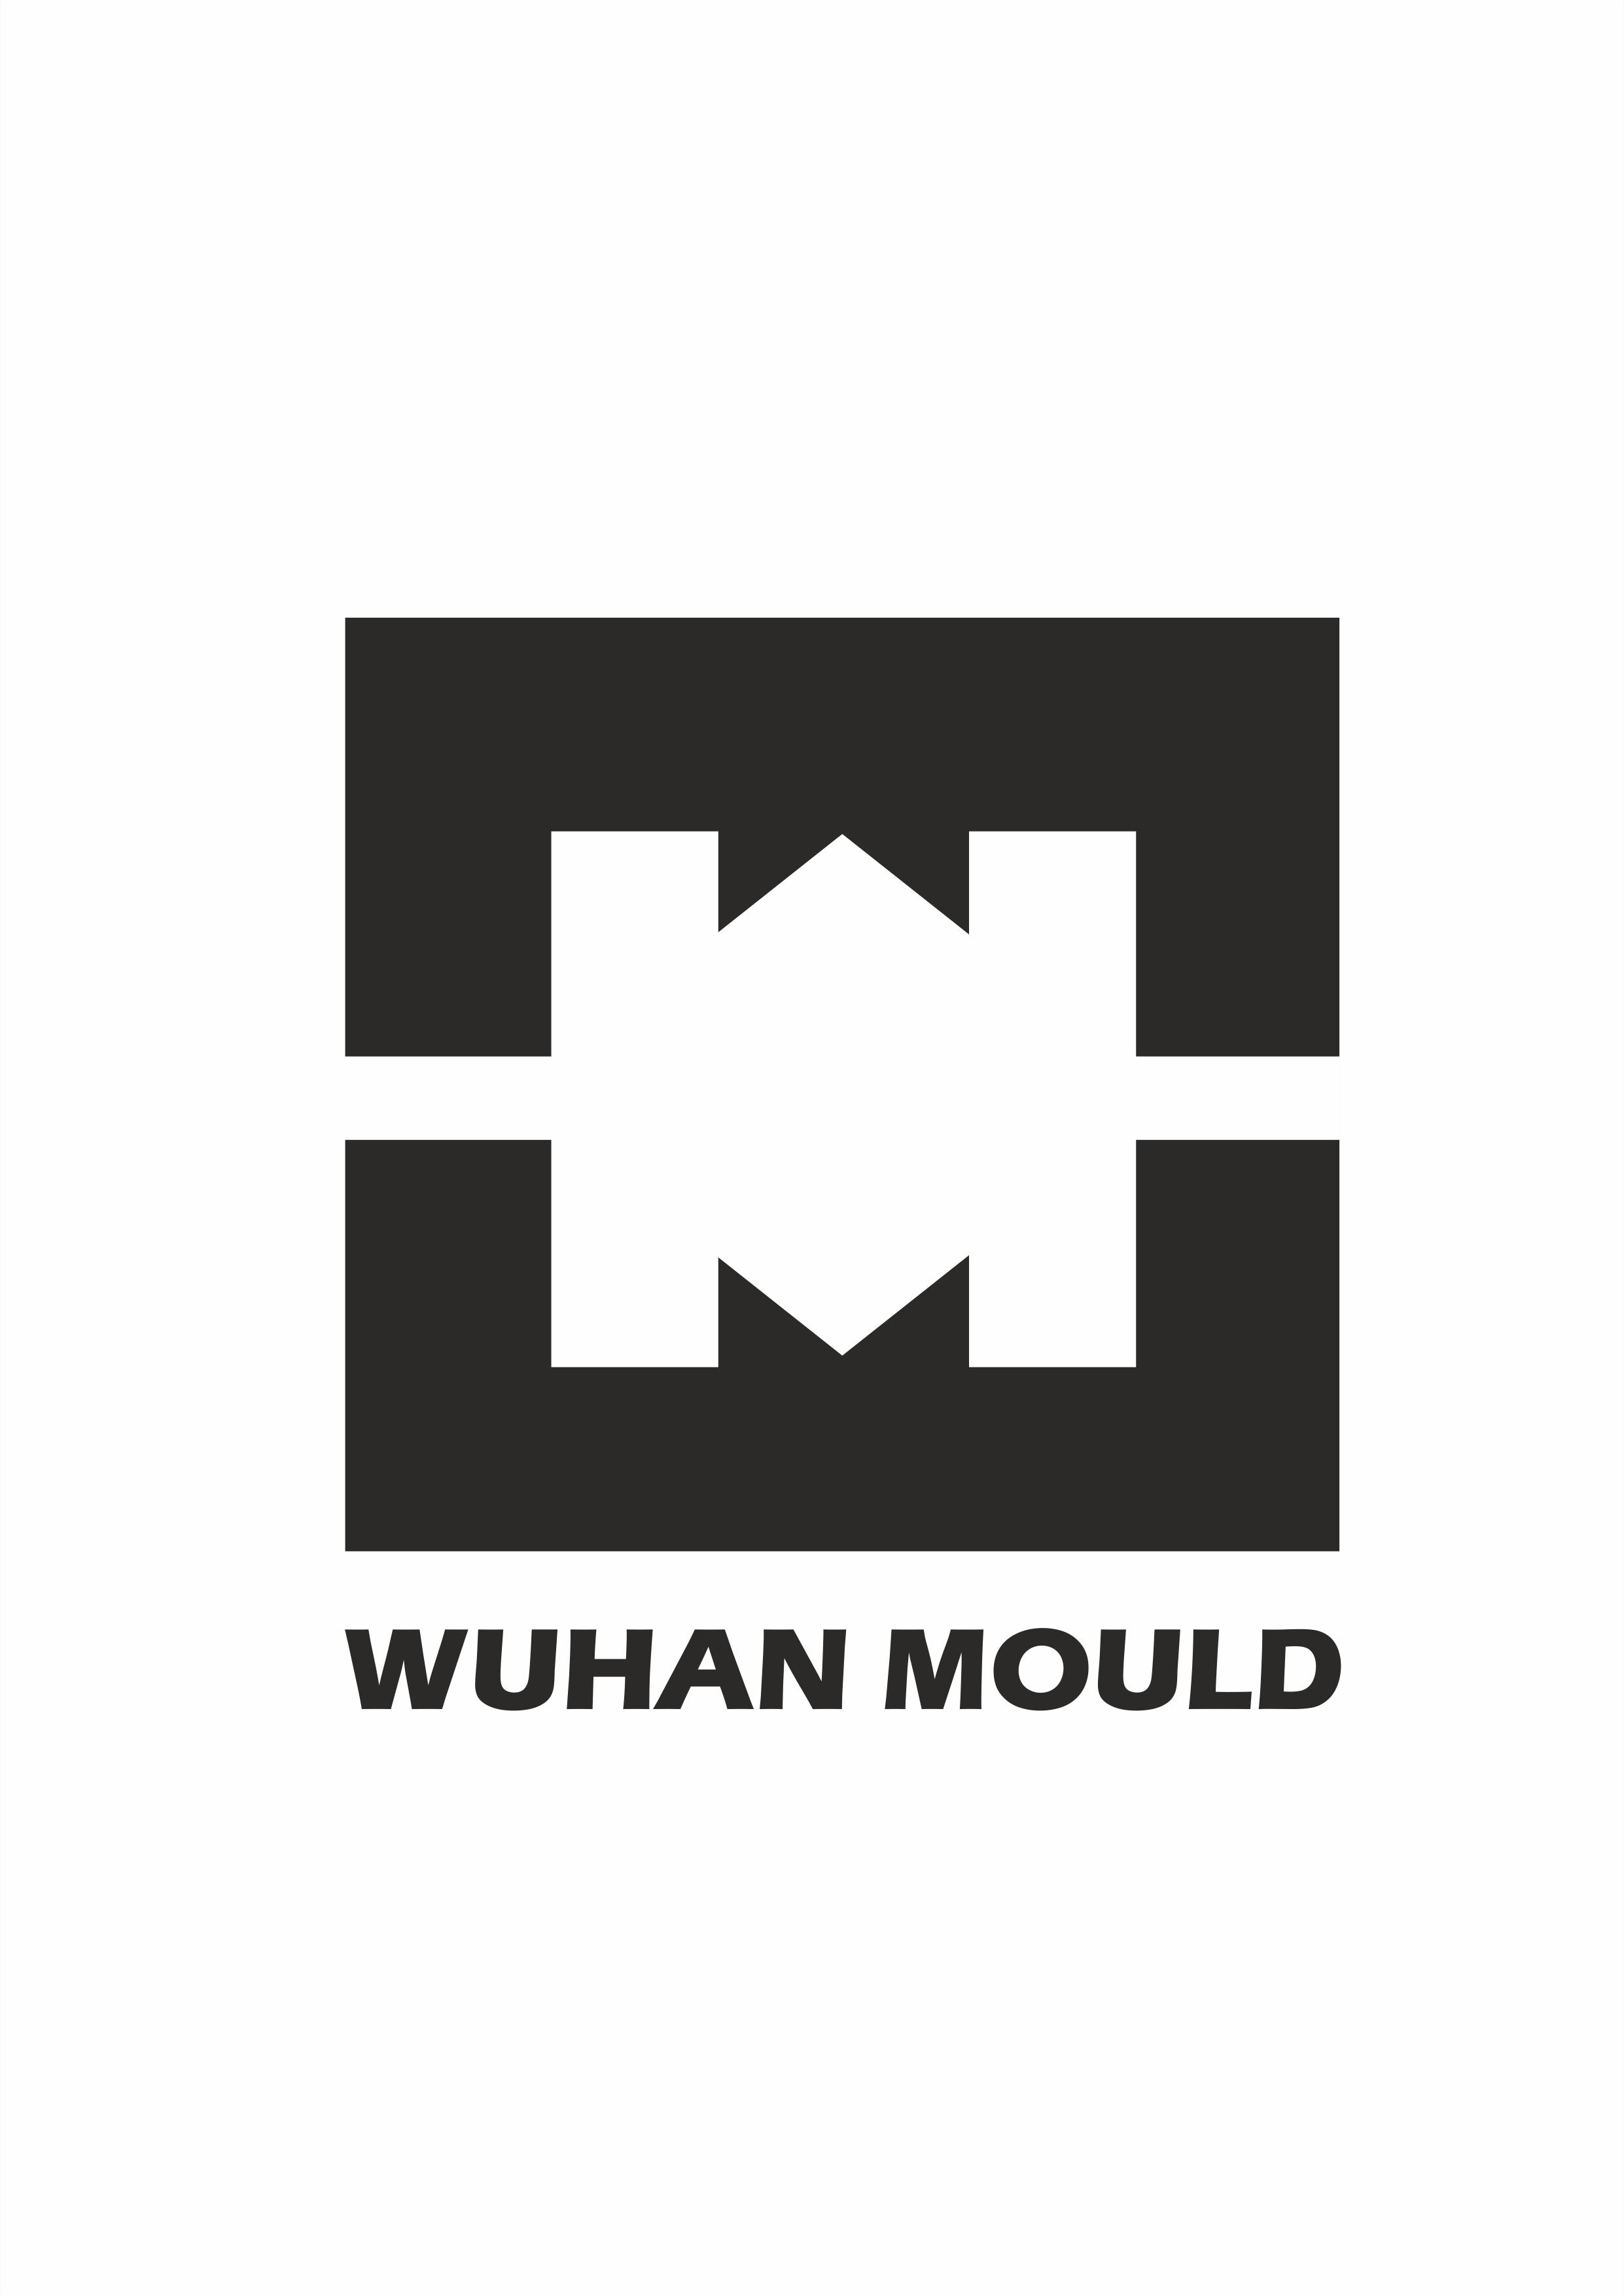 Создать логотип для фабрики пресс-форм фото f_98659917c2942593.png